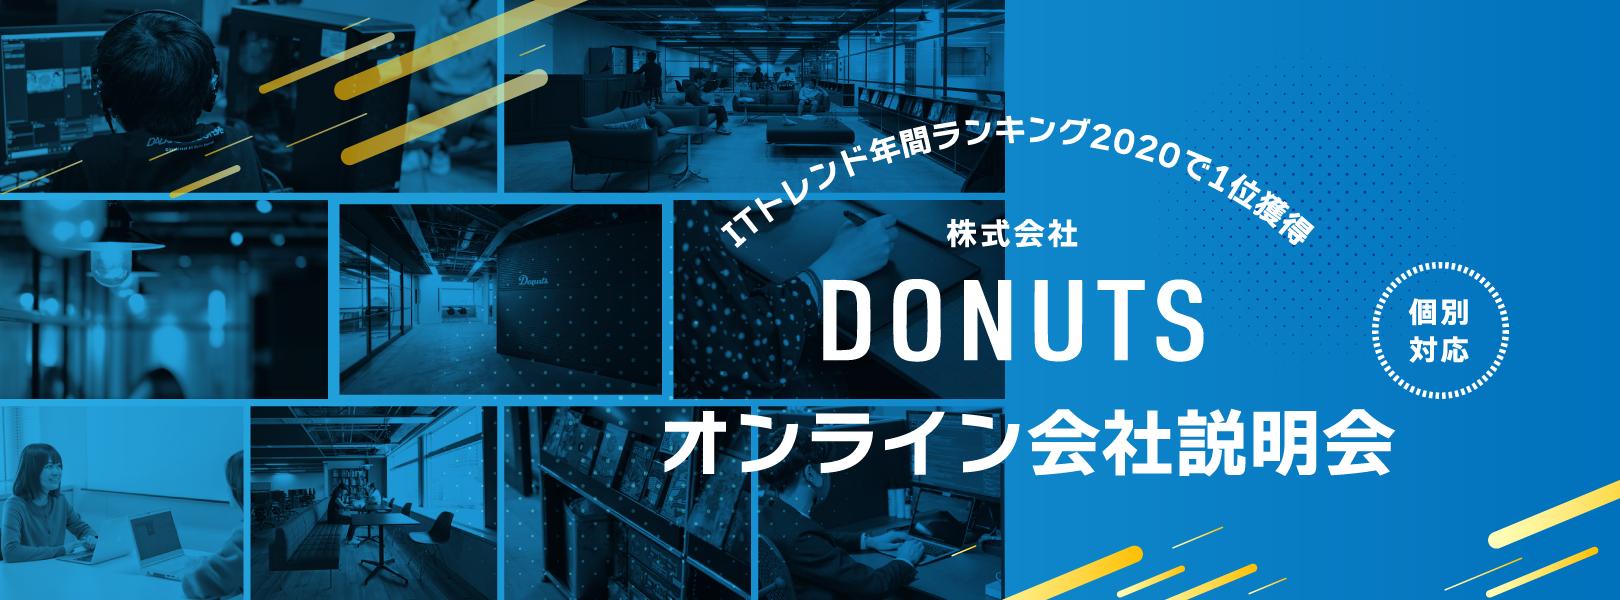 株式会社DONUTS オンライン 会社説明会